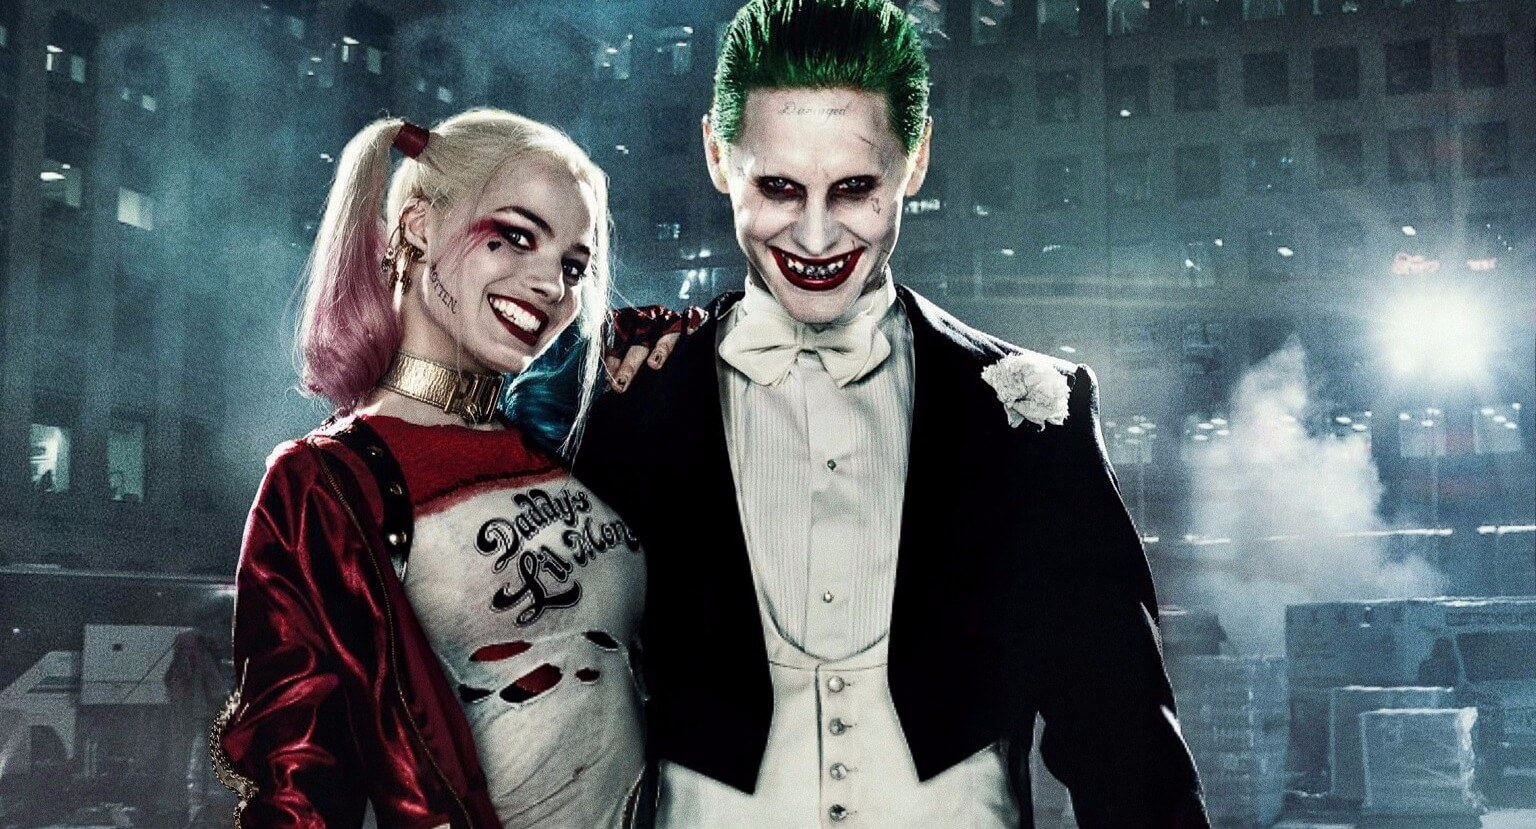 《沙贊!》電影中出現的廢工廠與熟悉 logo 讓故事世界觀與《自殺突擊隊》小丑&哈莉奎茵連結在一起。